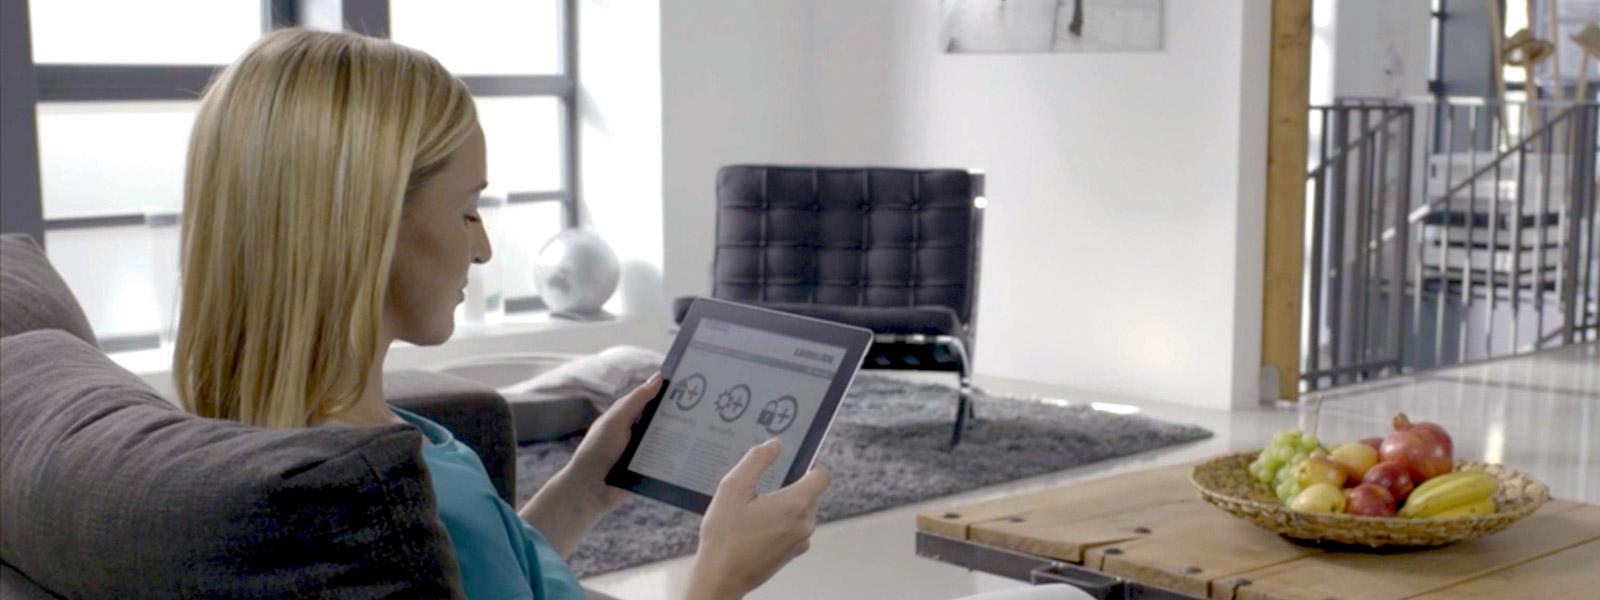 Femme utilisant une tablette pour consulter les tableaux